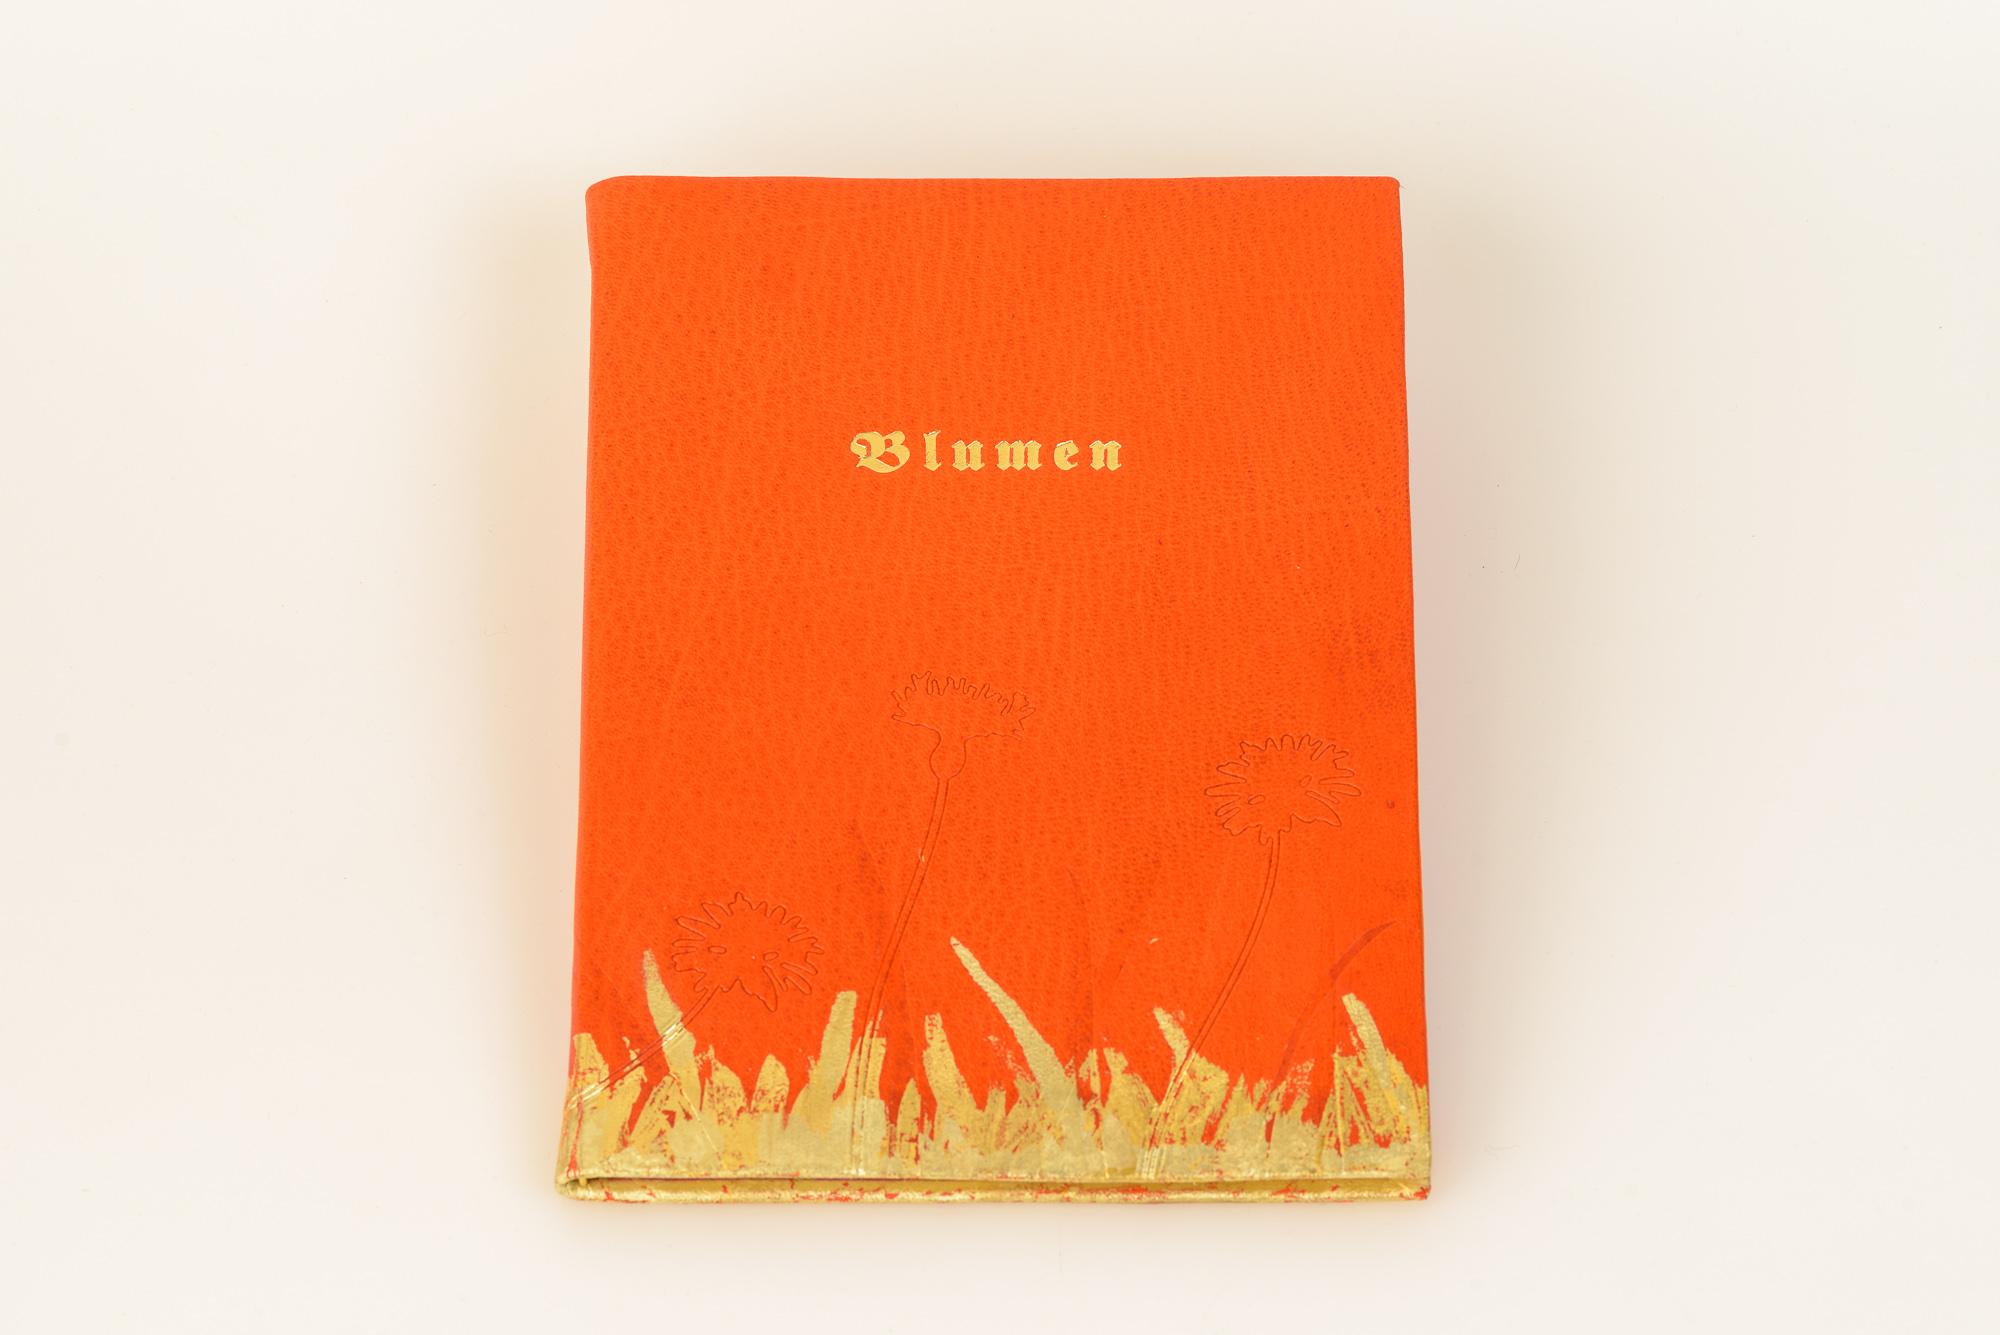 Blumen, Gedichte, illustriert von J.L. Gampp, flexibler Einband aus Hirschleder, bedruckt+vergoldet, Goldtitel, Euro 310.-